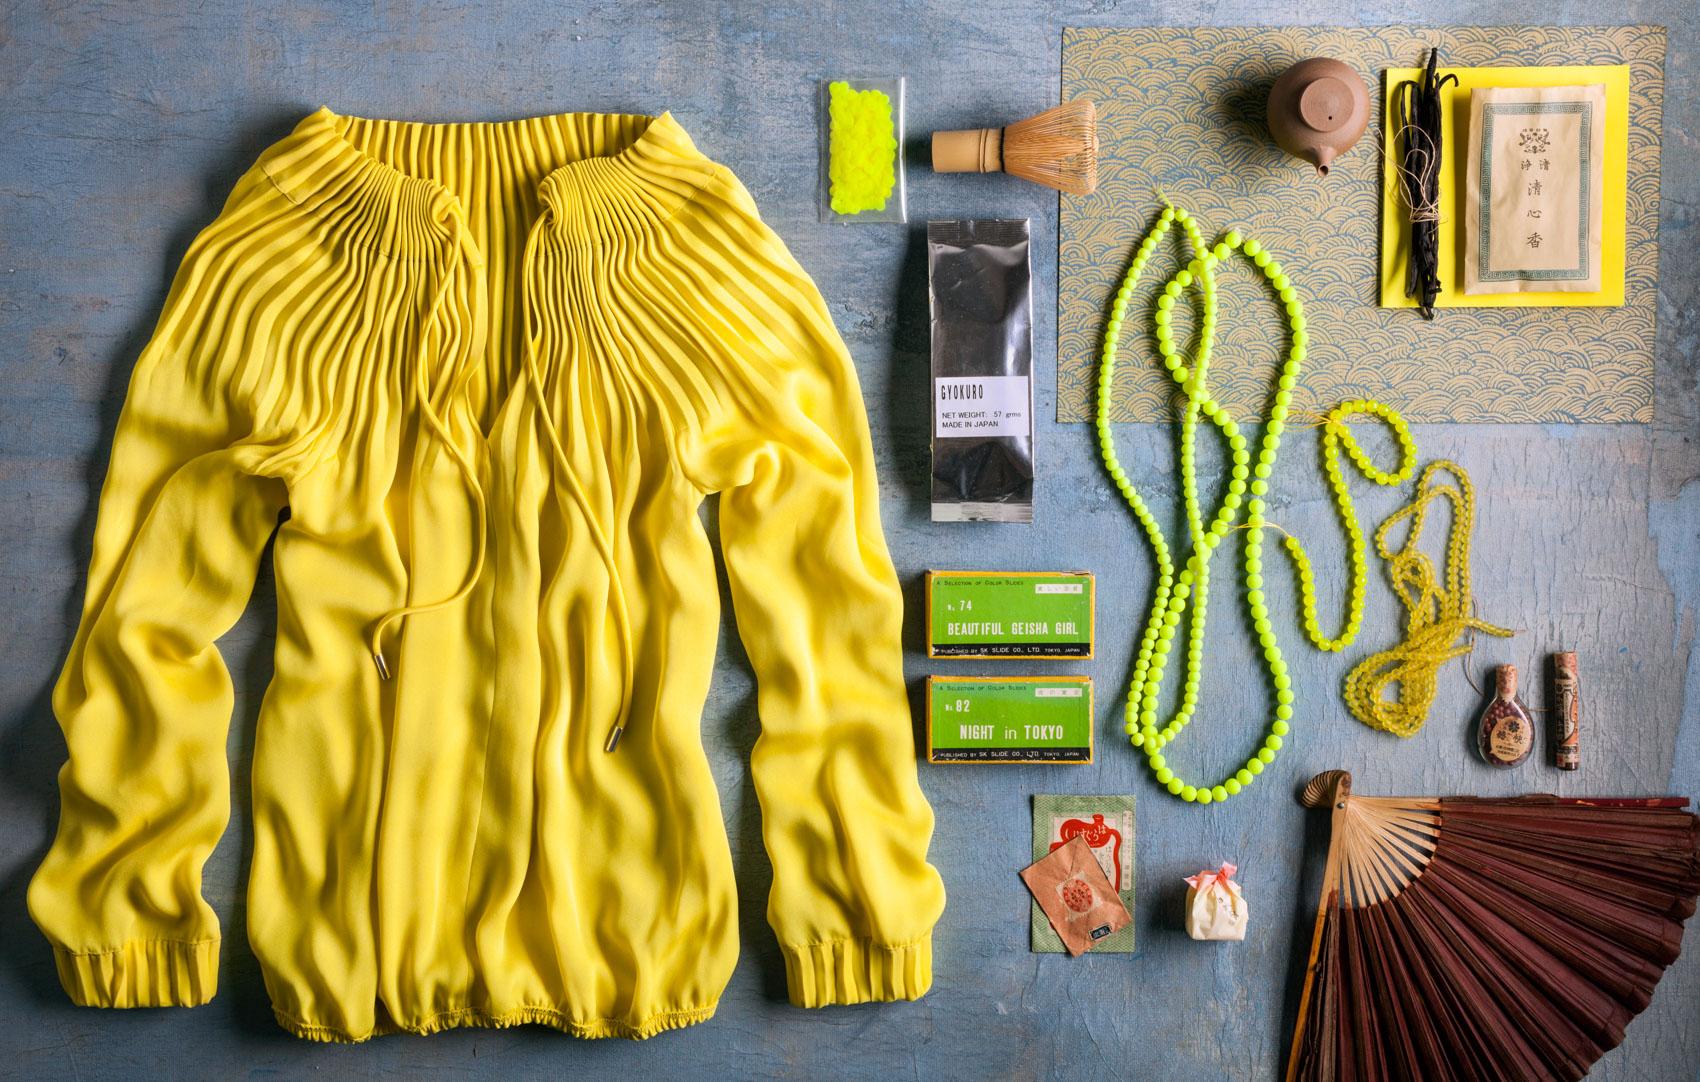 yellowsilkshirt (1 of 1).jpg